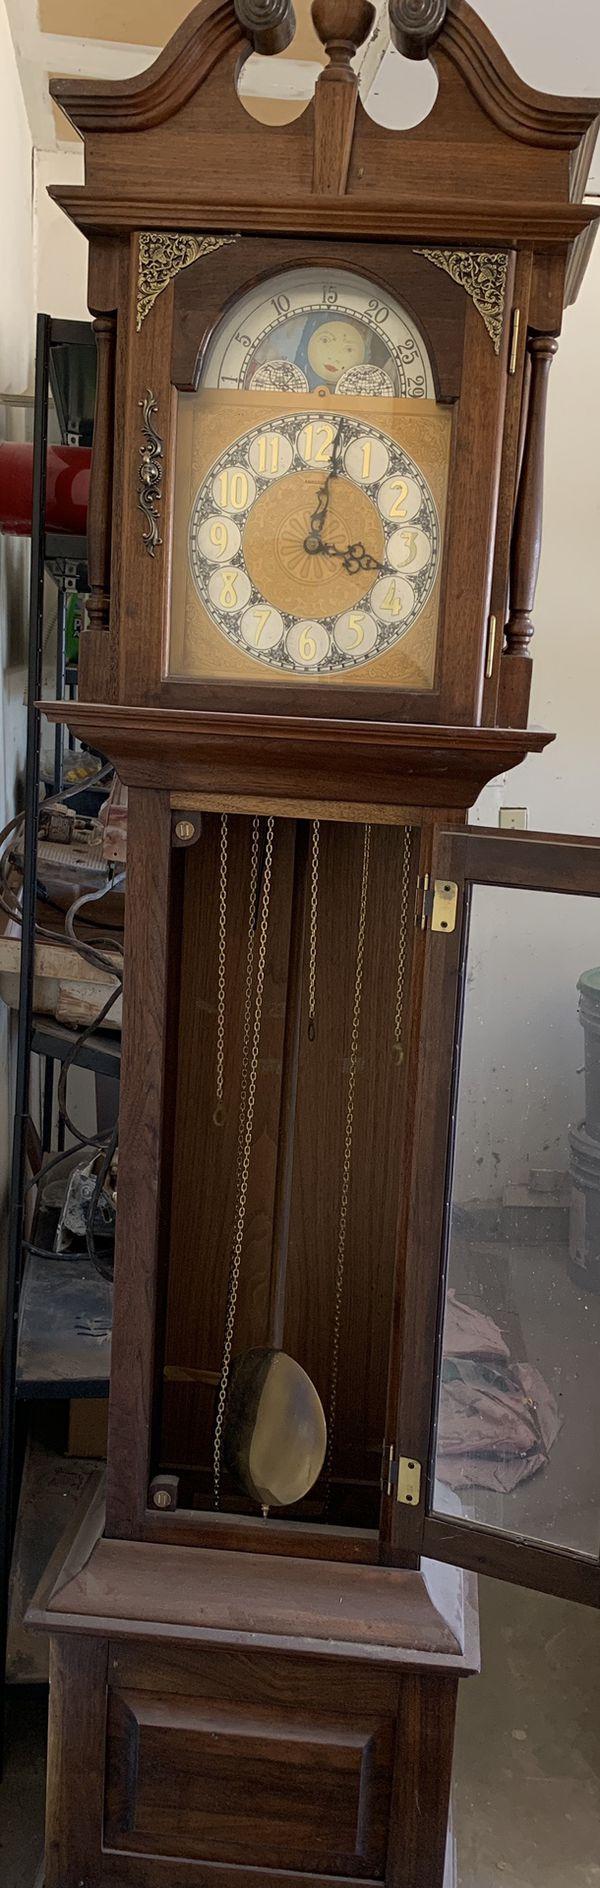 Emperor Clock